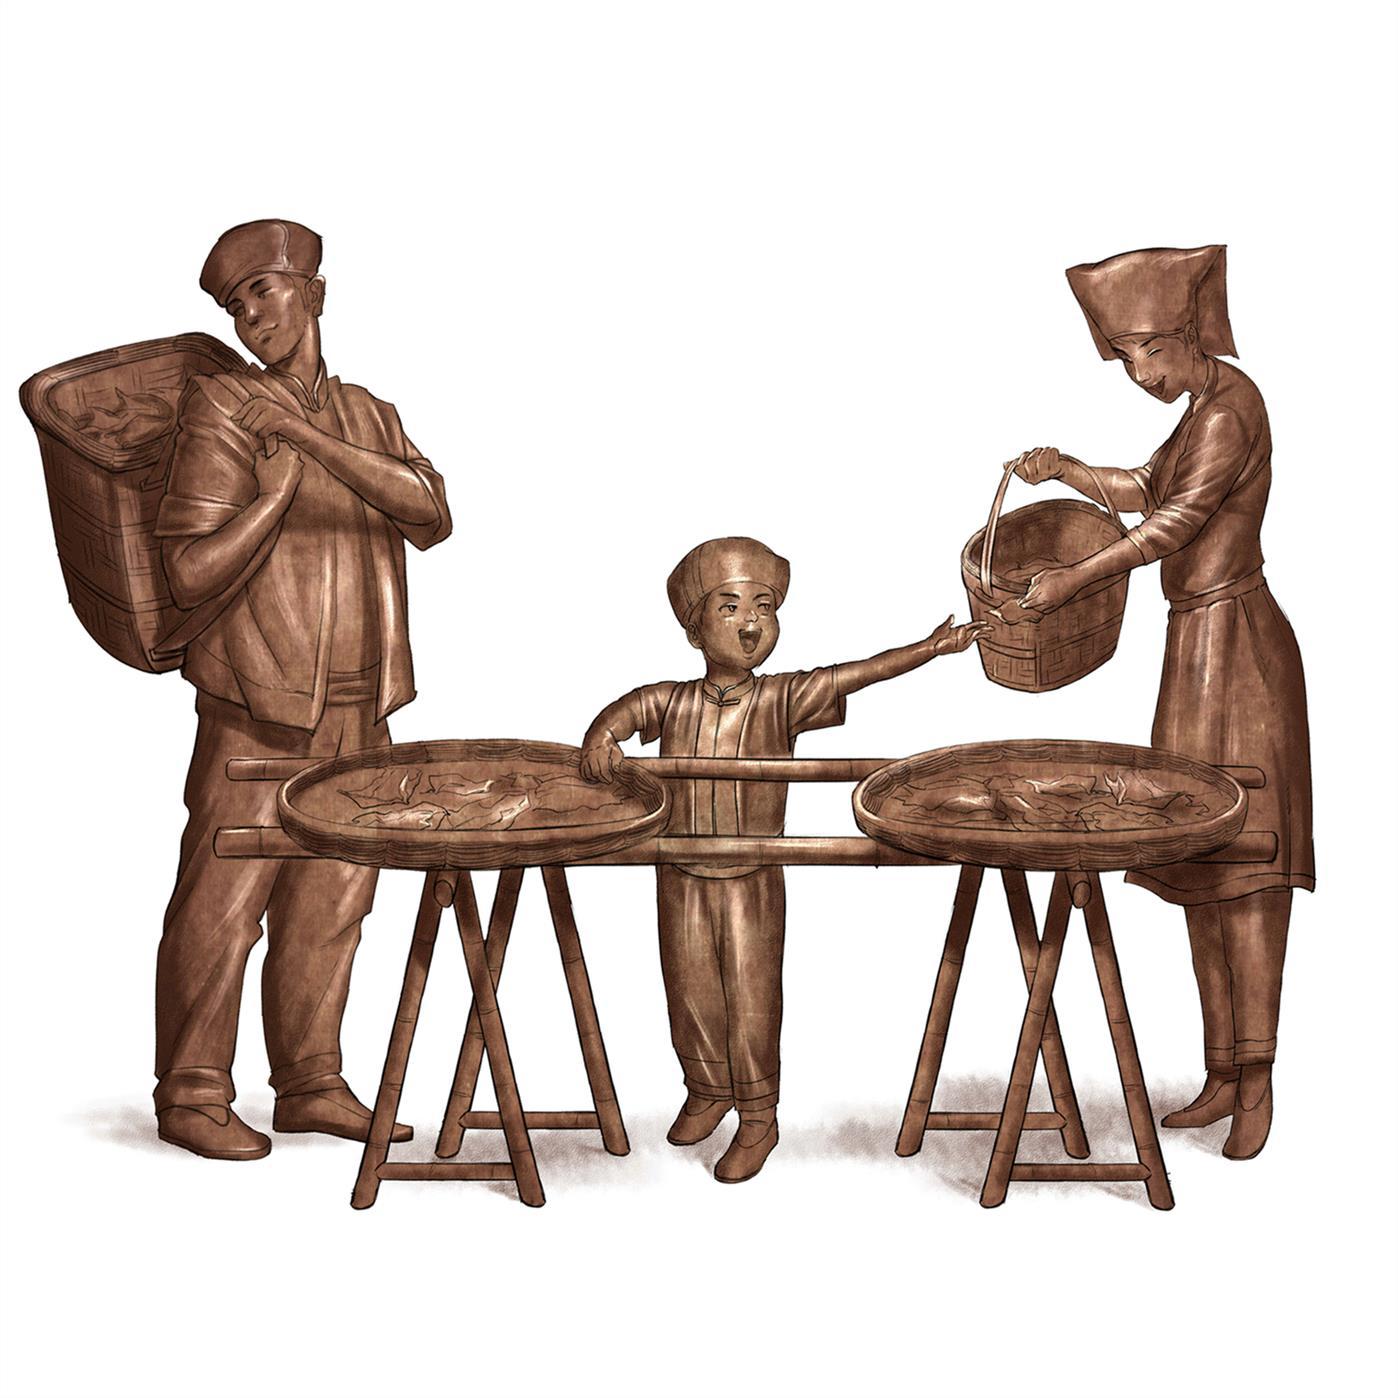 银川雕塑厂家报价